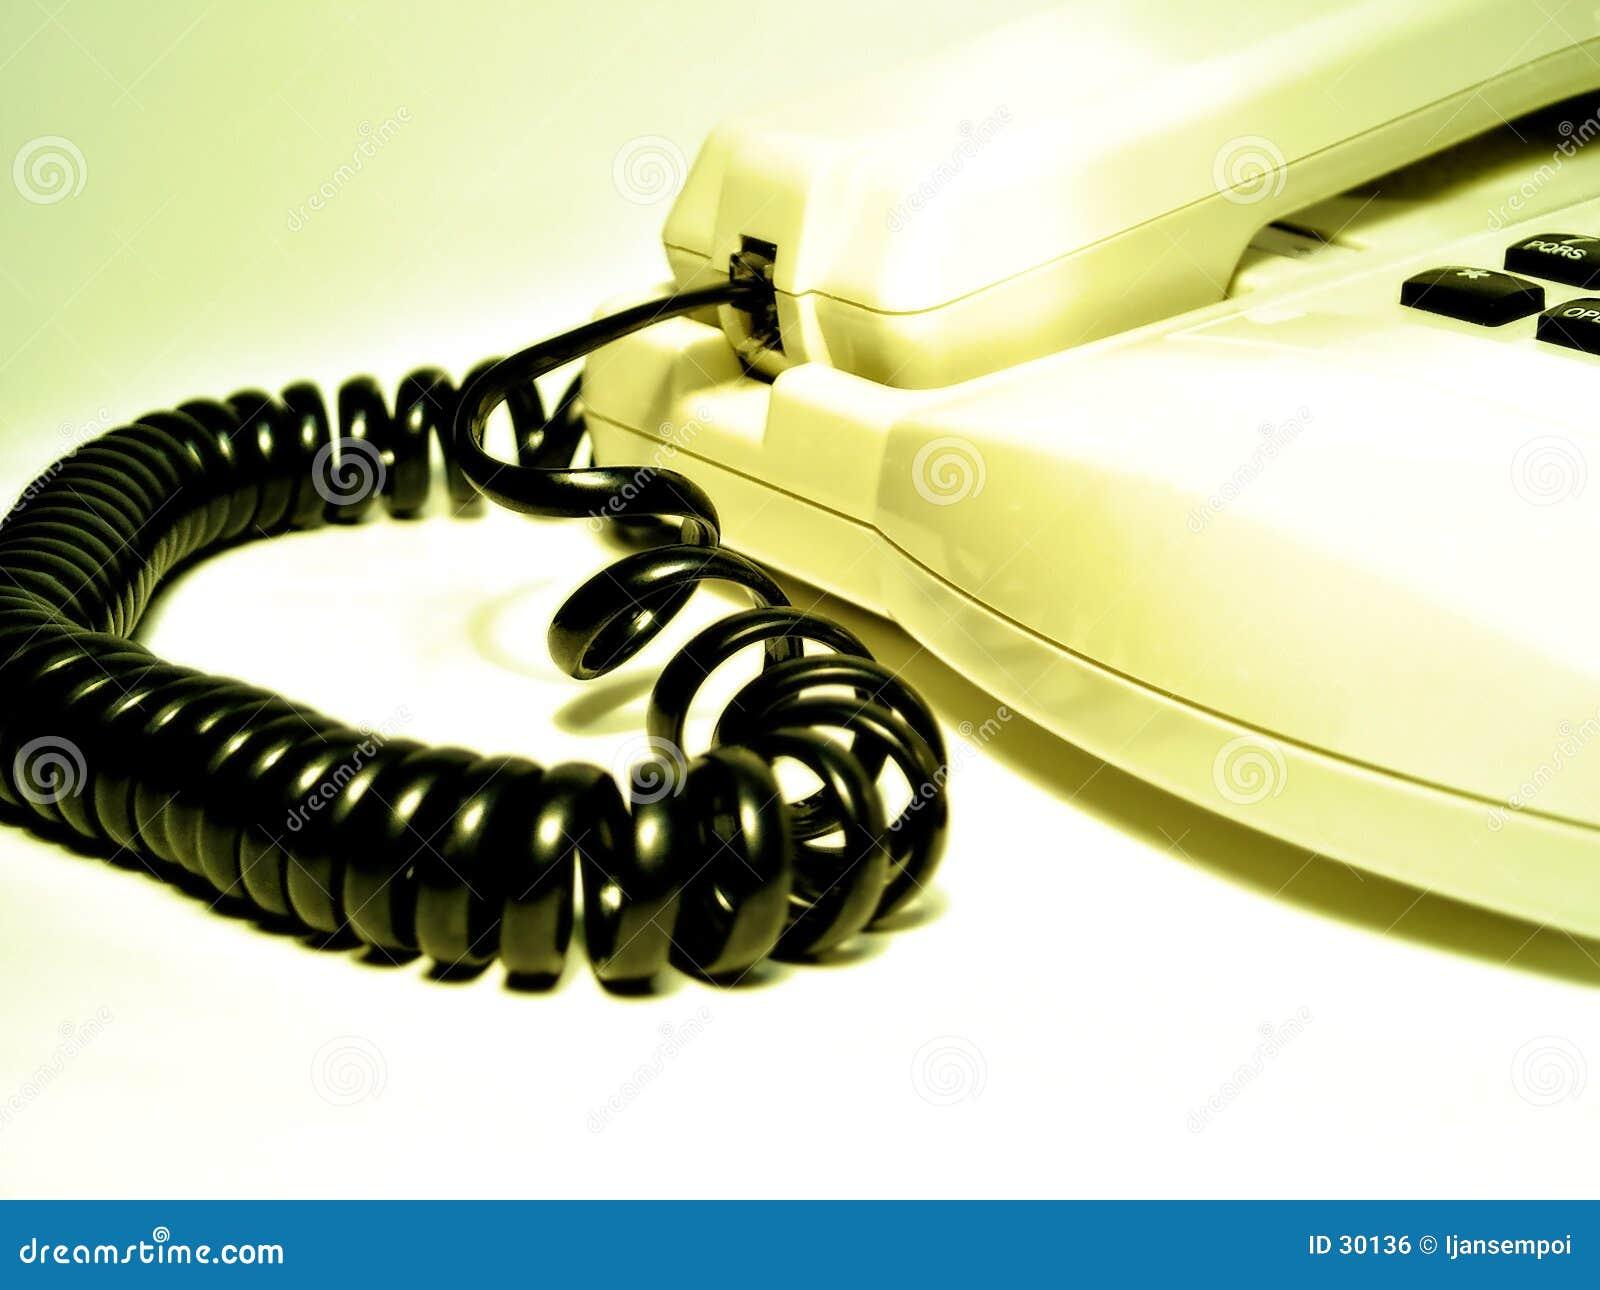 Download Teléfono foto de archivo. Imagen de llamada, teléfono, charla - 30136